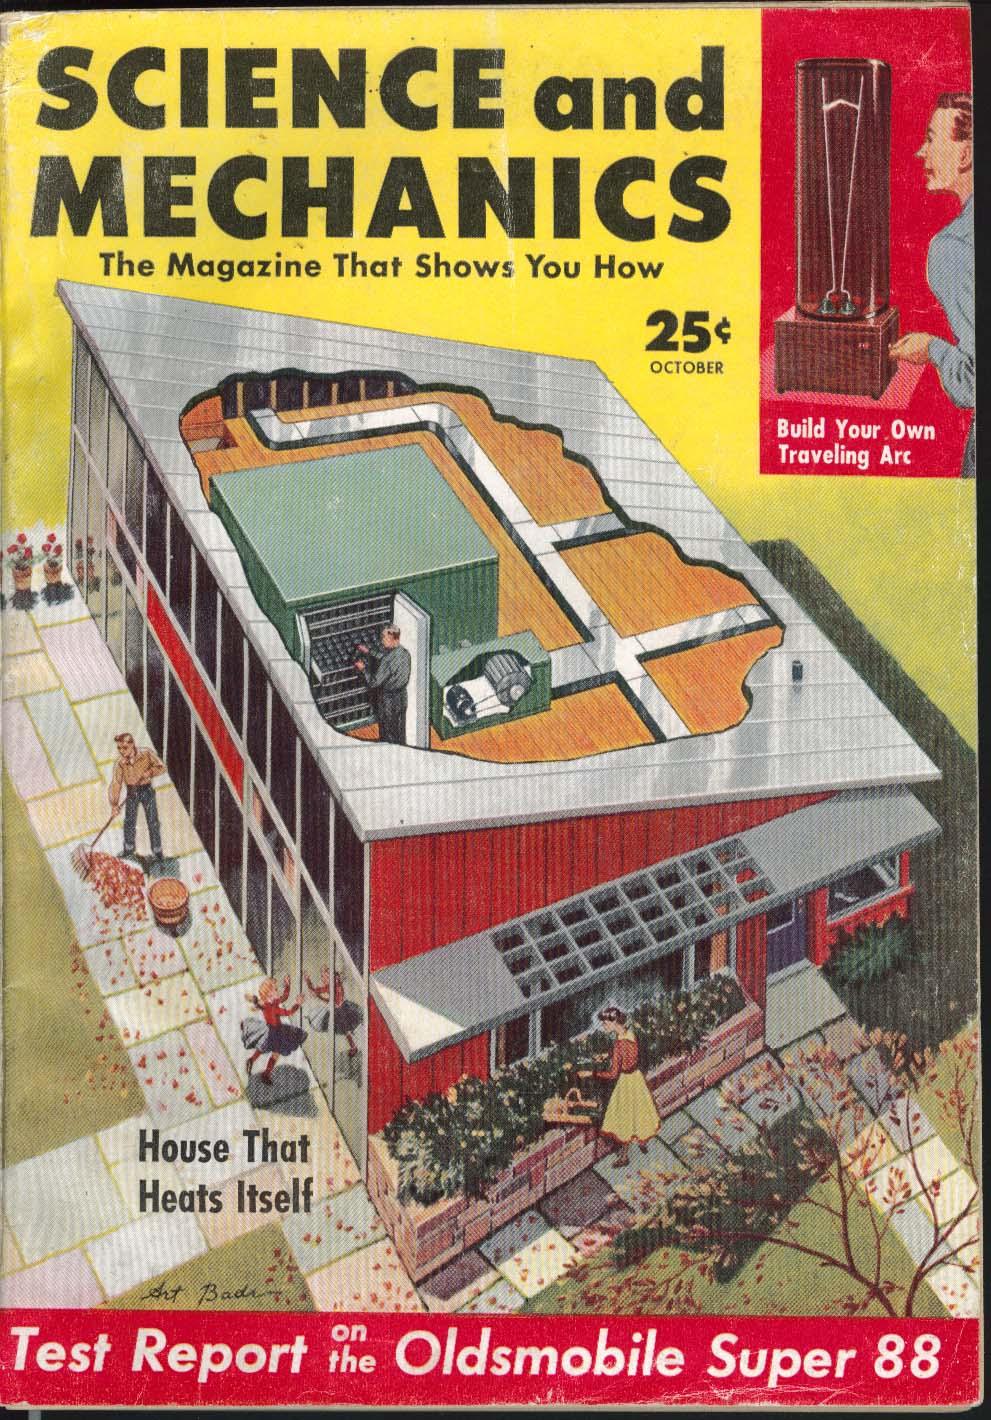 SCIENCE & MECHANICS Oldsmobile Super 88 road test seat belts save lives 10 1954